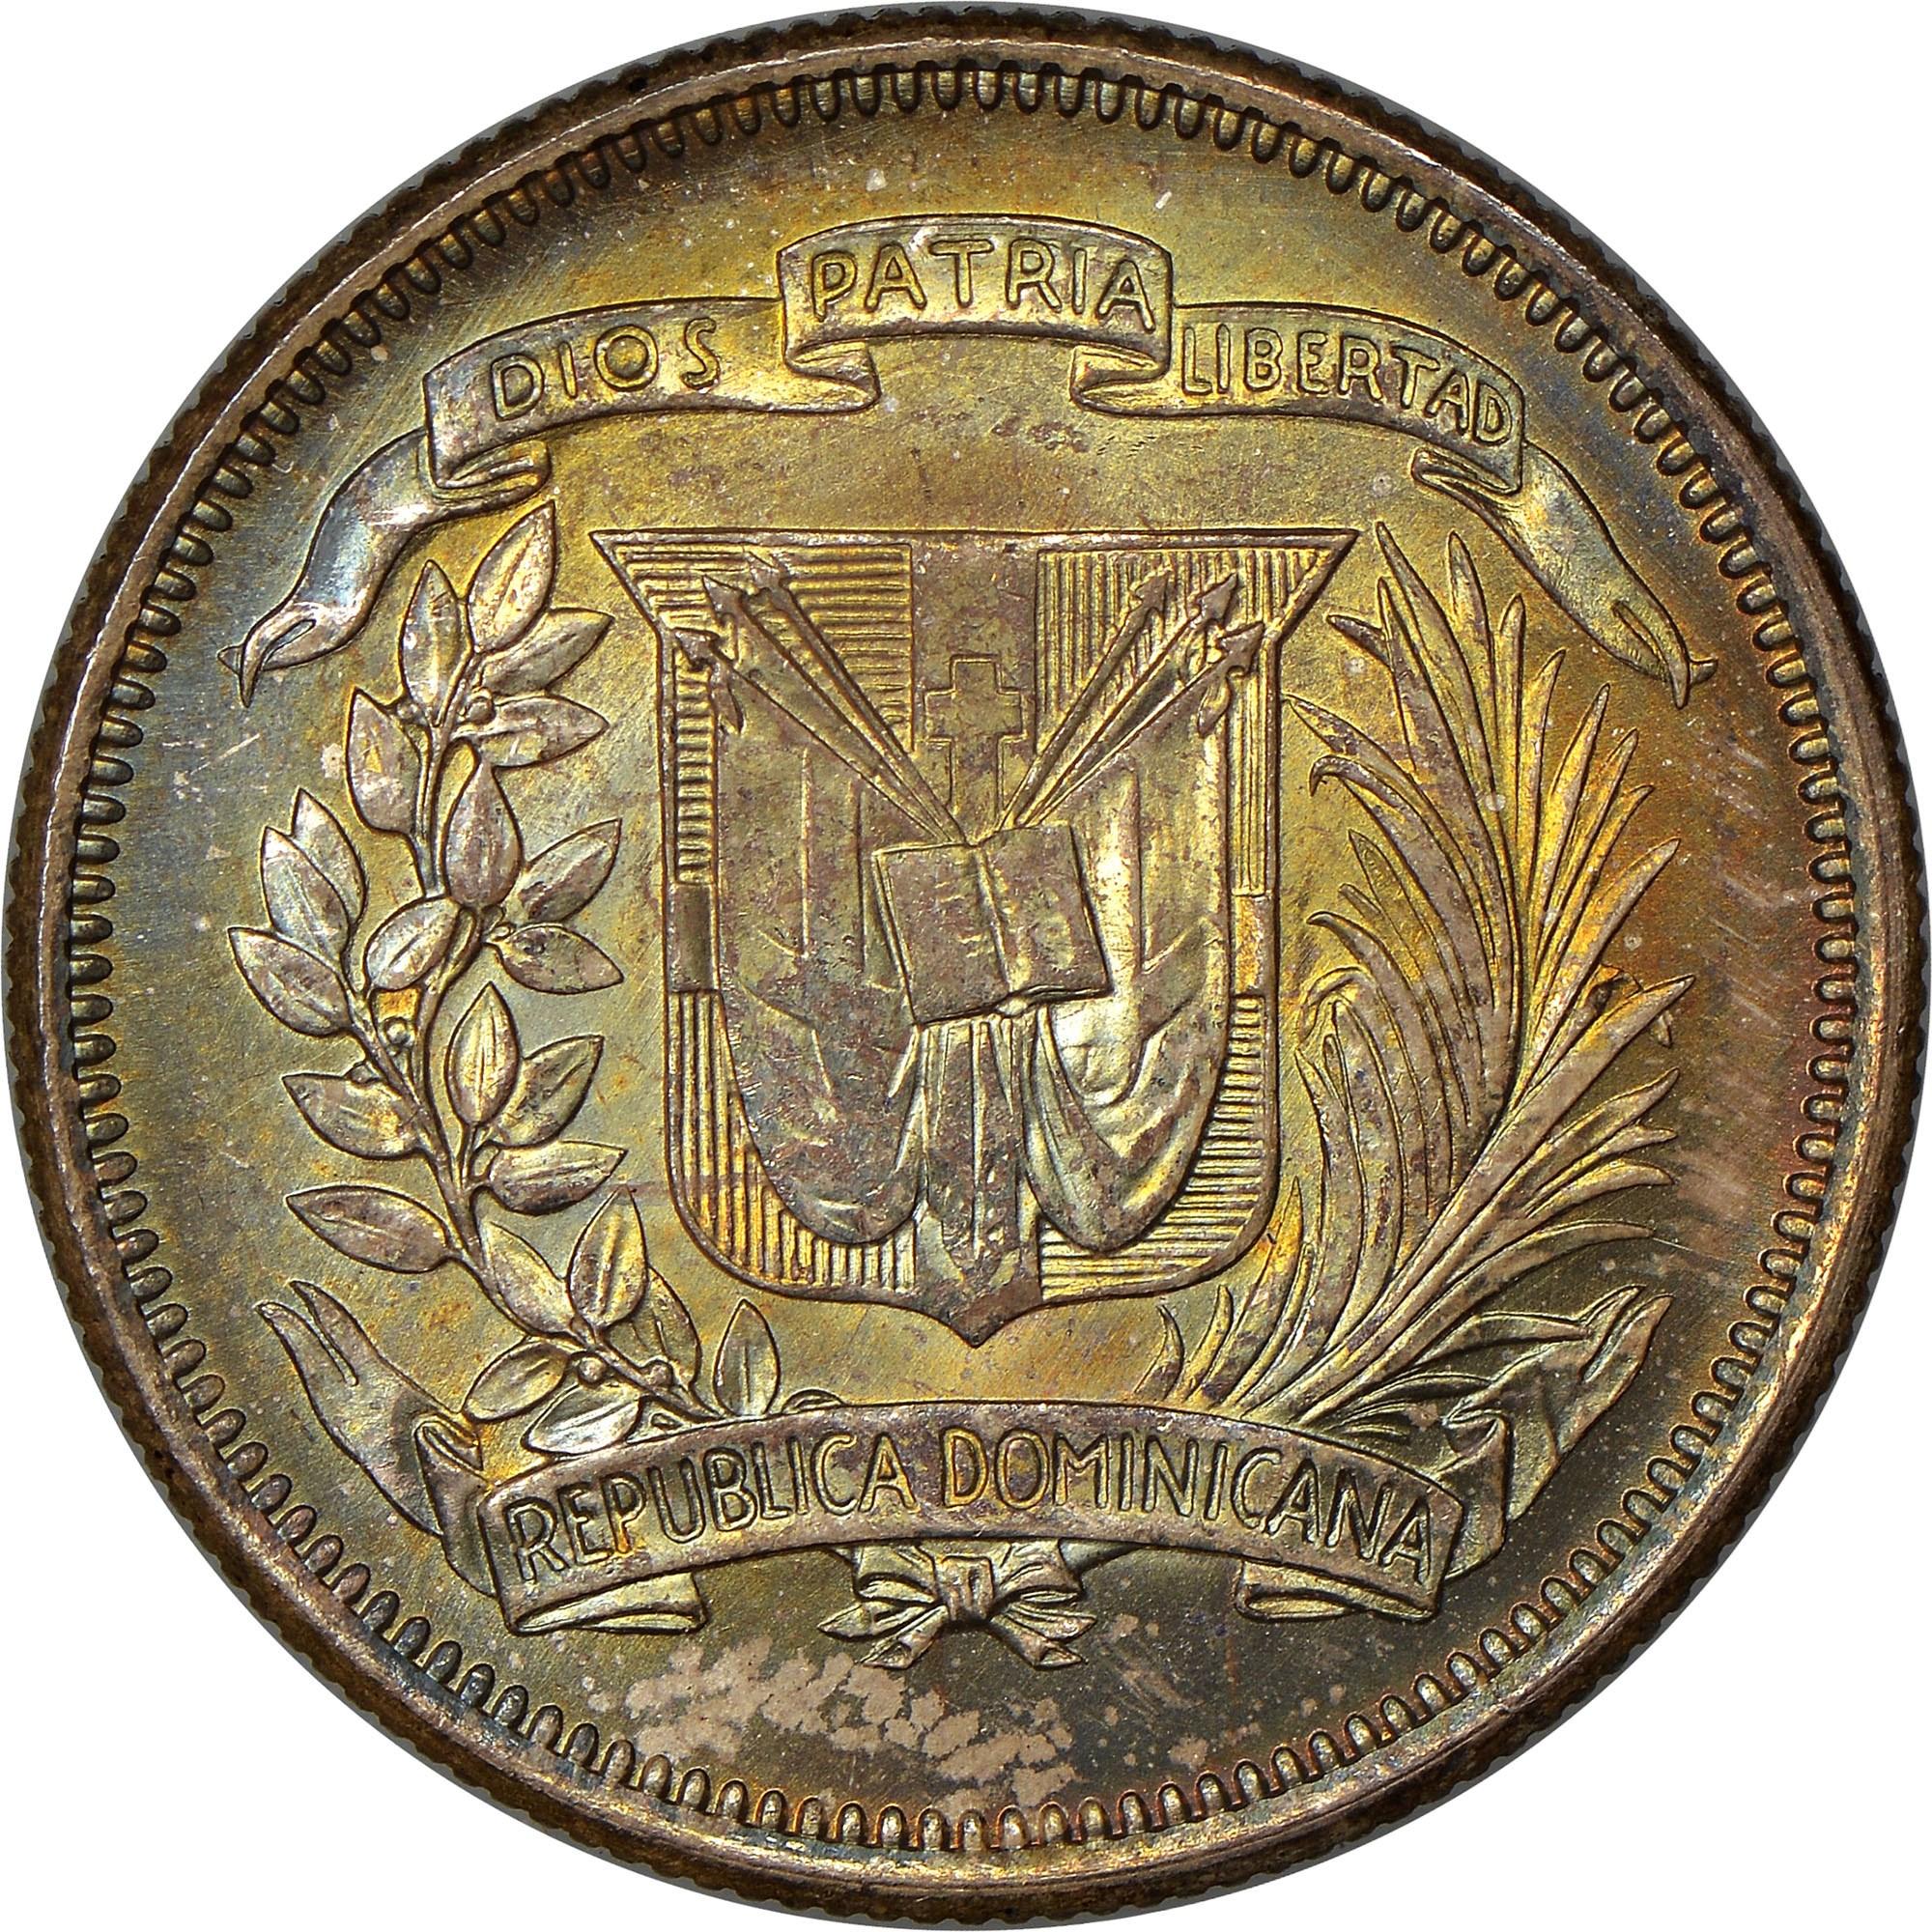 Rep Coin Ticker Values